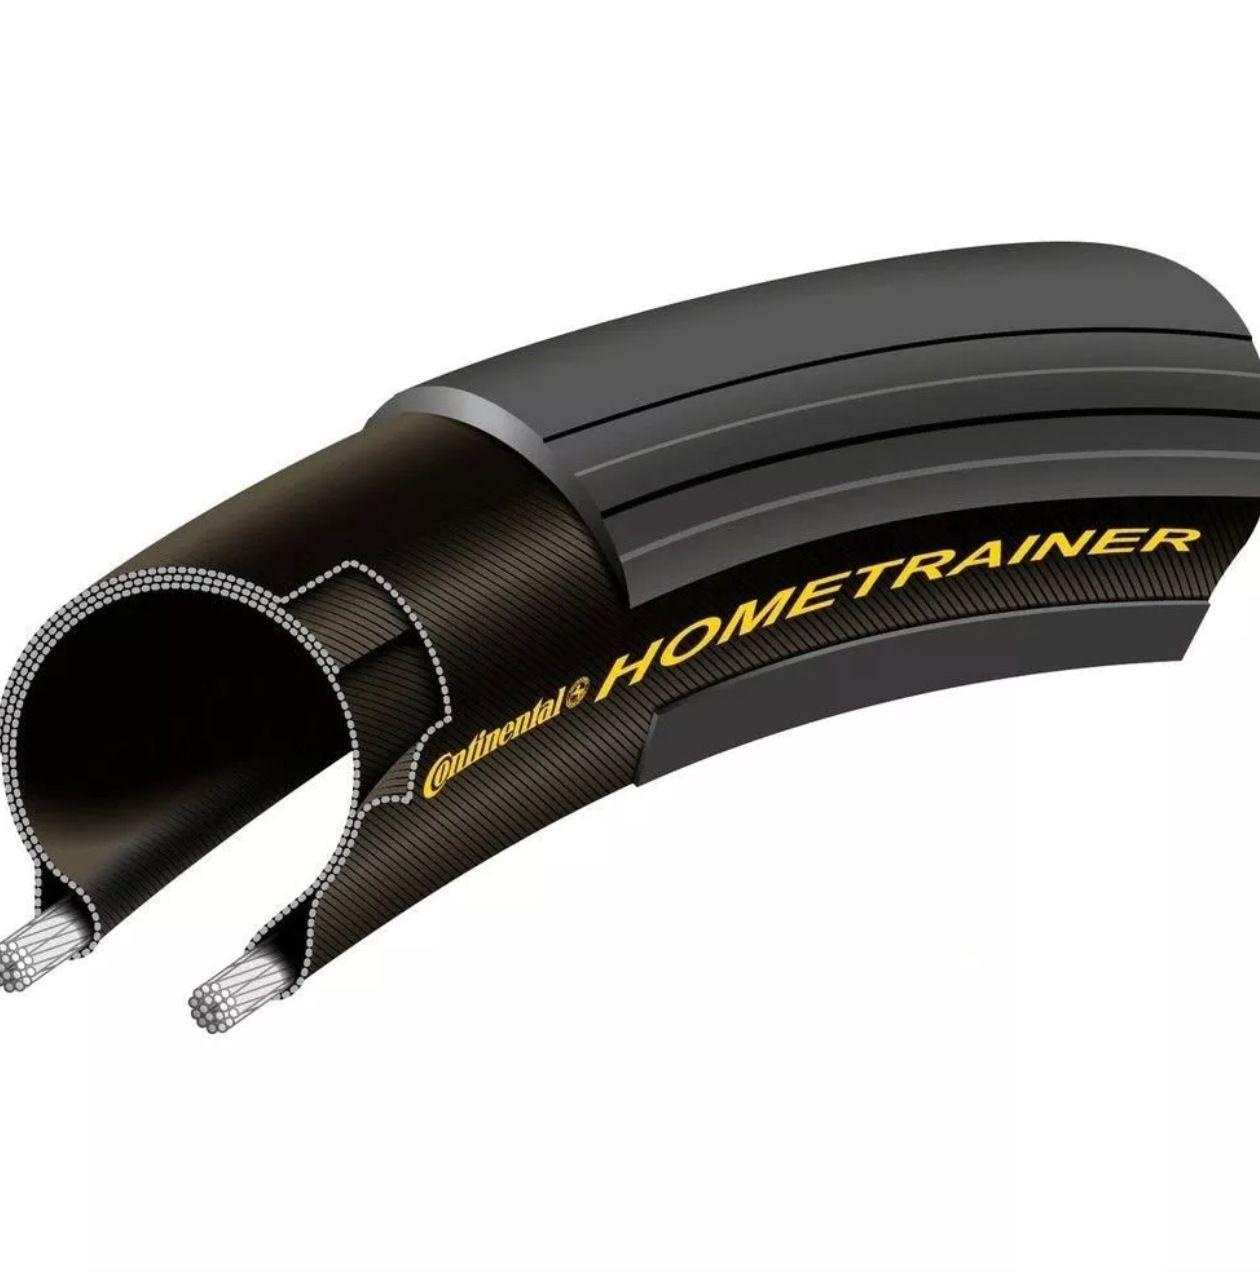 Pneu Rolo De Treinamento Continental Home Trainer 700x23c